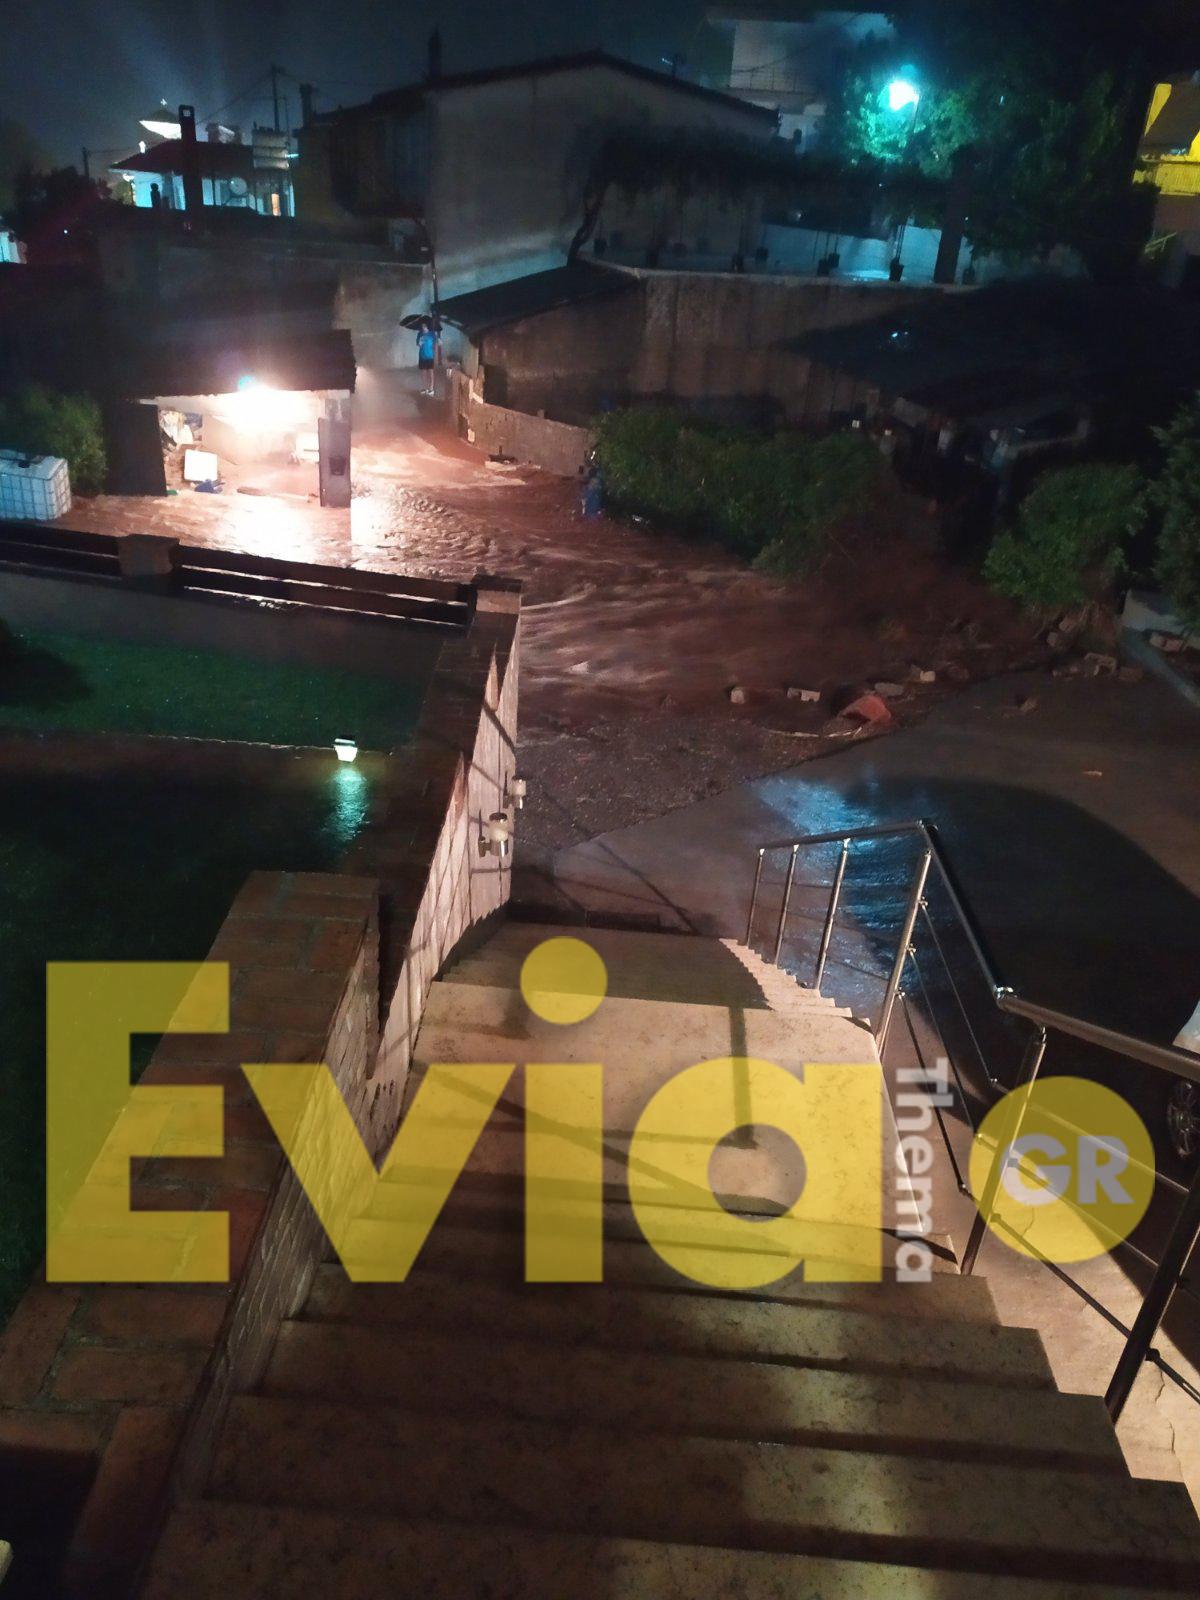 Το eviathema.gr εξασφαλίζει σε 2 οικογένειες πληγέντων από την Εύβοια, Το eviathema.gr εξασφαλίζει σε 2 οικογένειες πληγέντων από την  Εύβοια σπίτι και γεύμα για όσο χρειαστεί, Eviathema.gr | ΕΥΒΟΙΑ ΝΕΑ - Νέα και ειδήσεις από όλη την Εύβοια